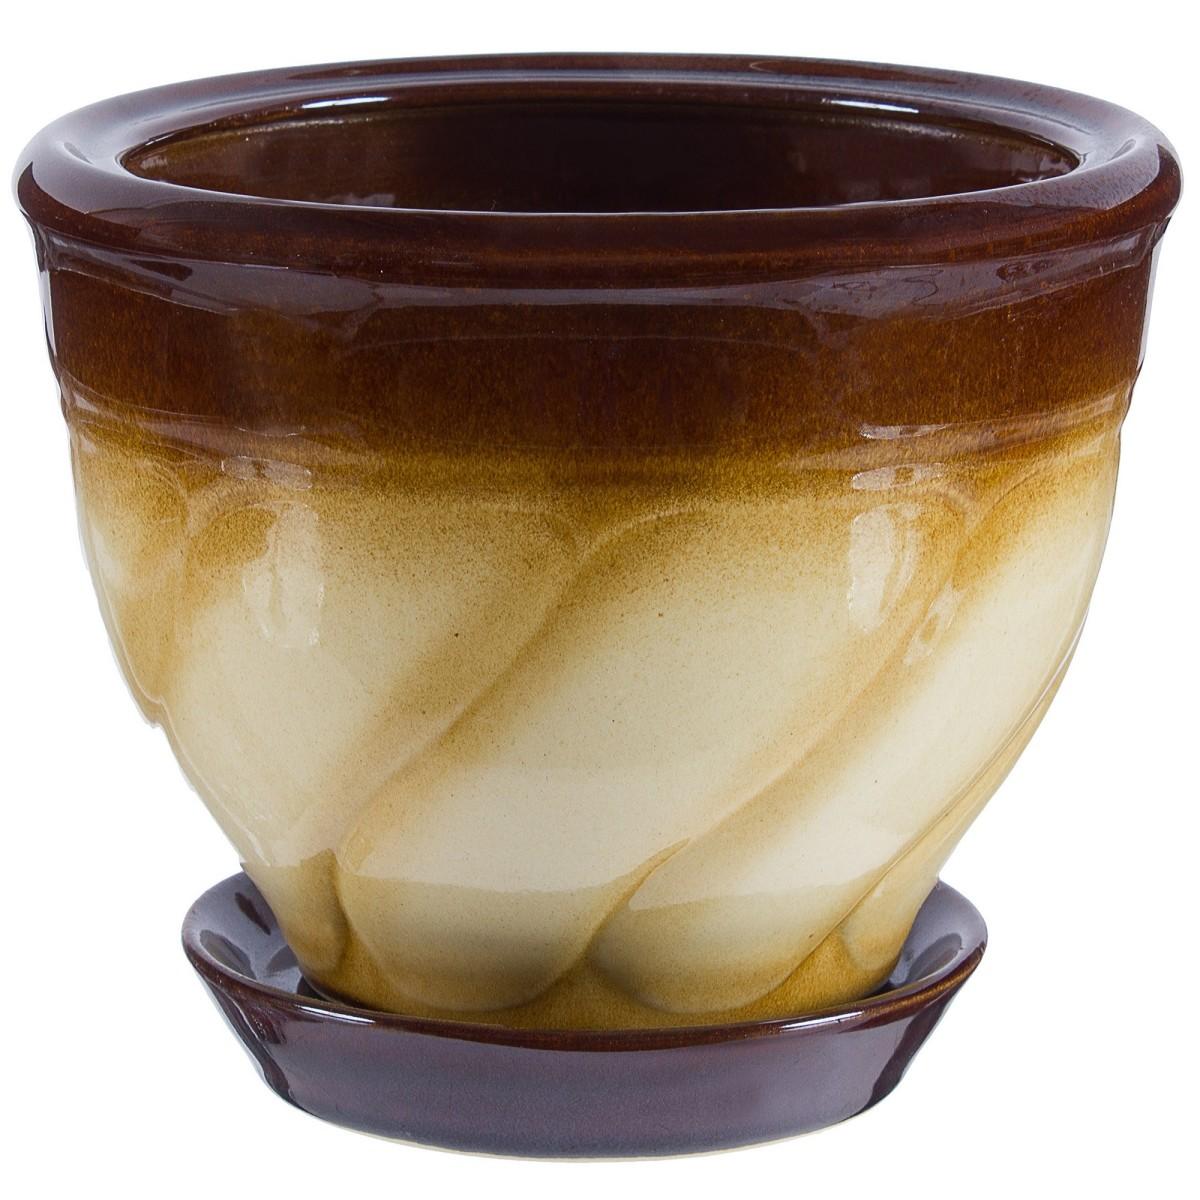 Горшок цветочный «Земфира» бежево-коричневый 1.6 л 150 мм керамика с поддоном